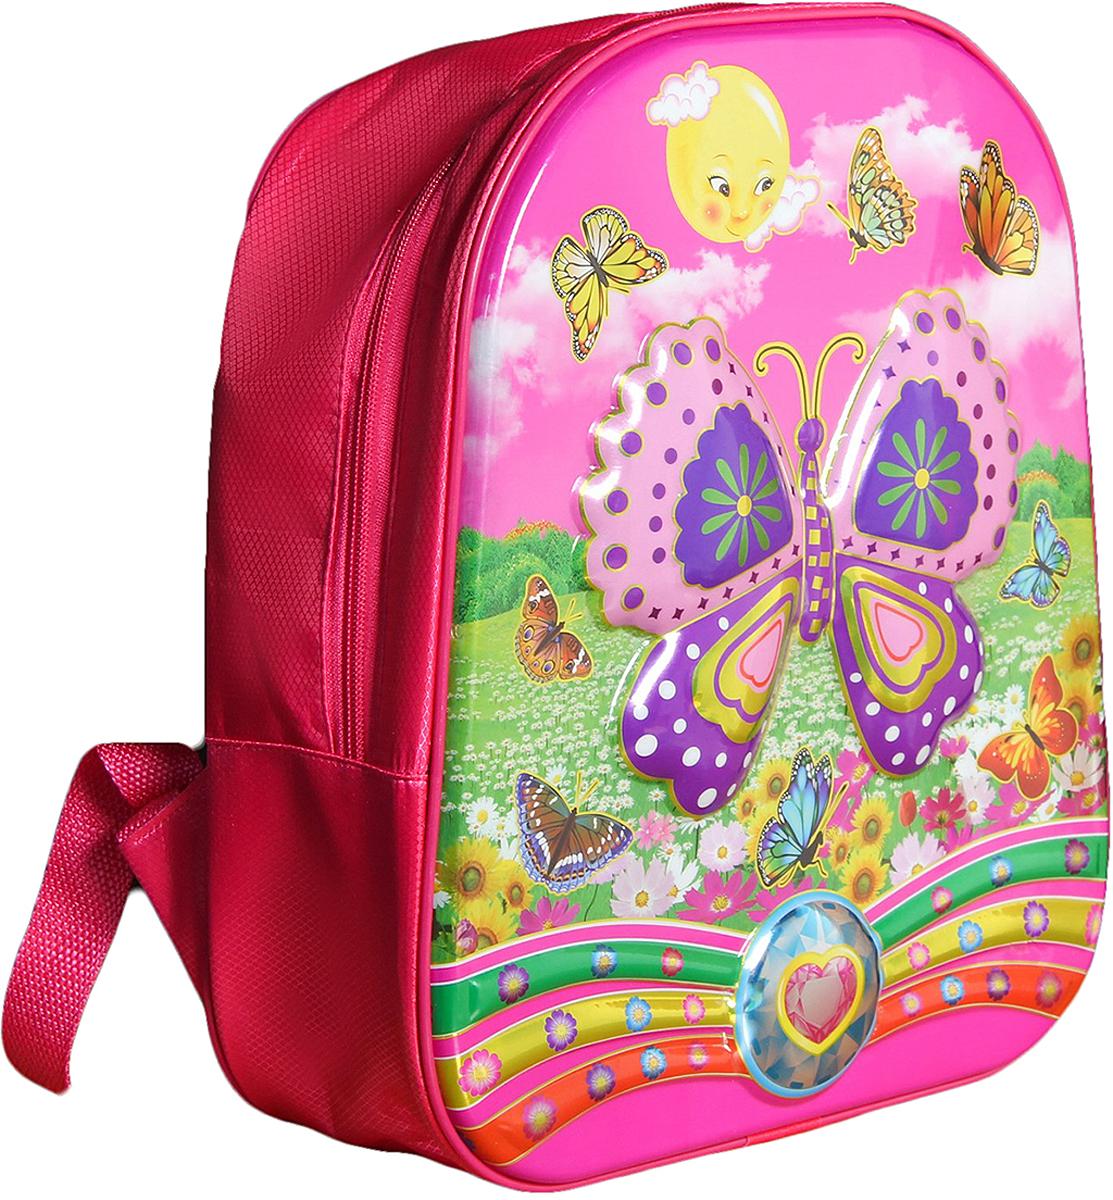 ce7d0c0a9844 Рюкзак детский Бабочки цвет розовый 2825931 — купить в интернет-магазине  OZON.ru с быстрой доставкой